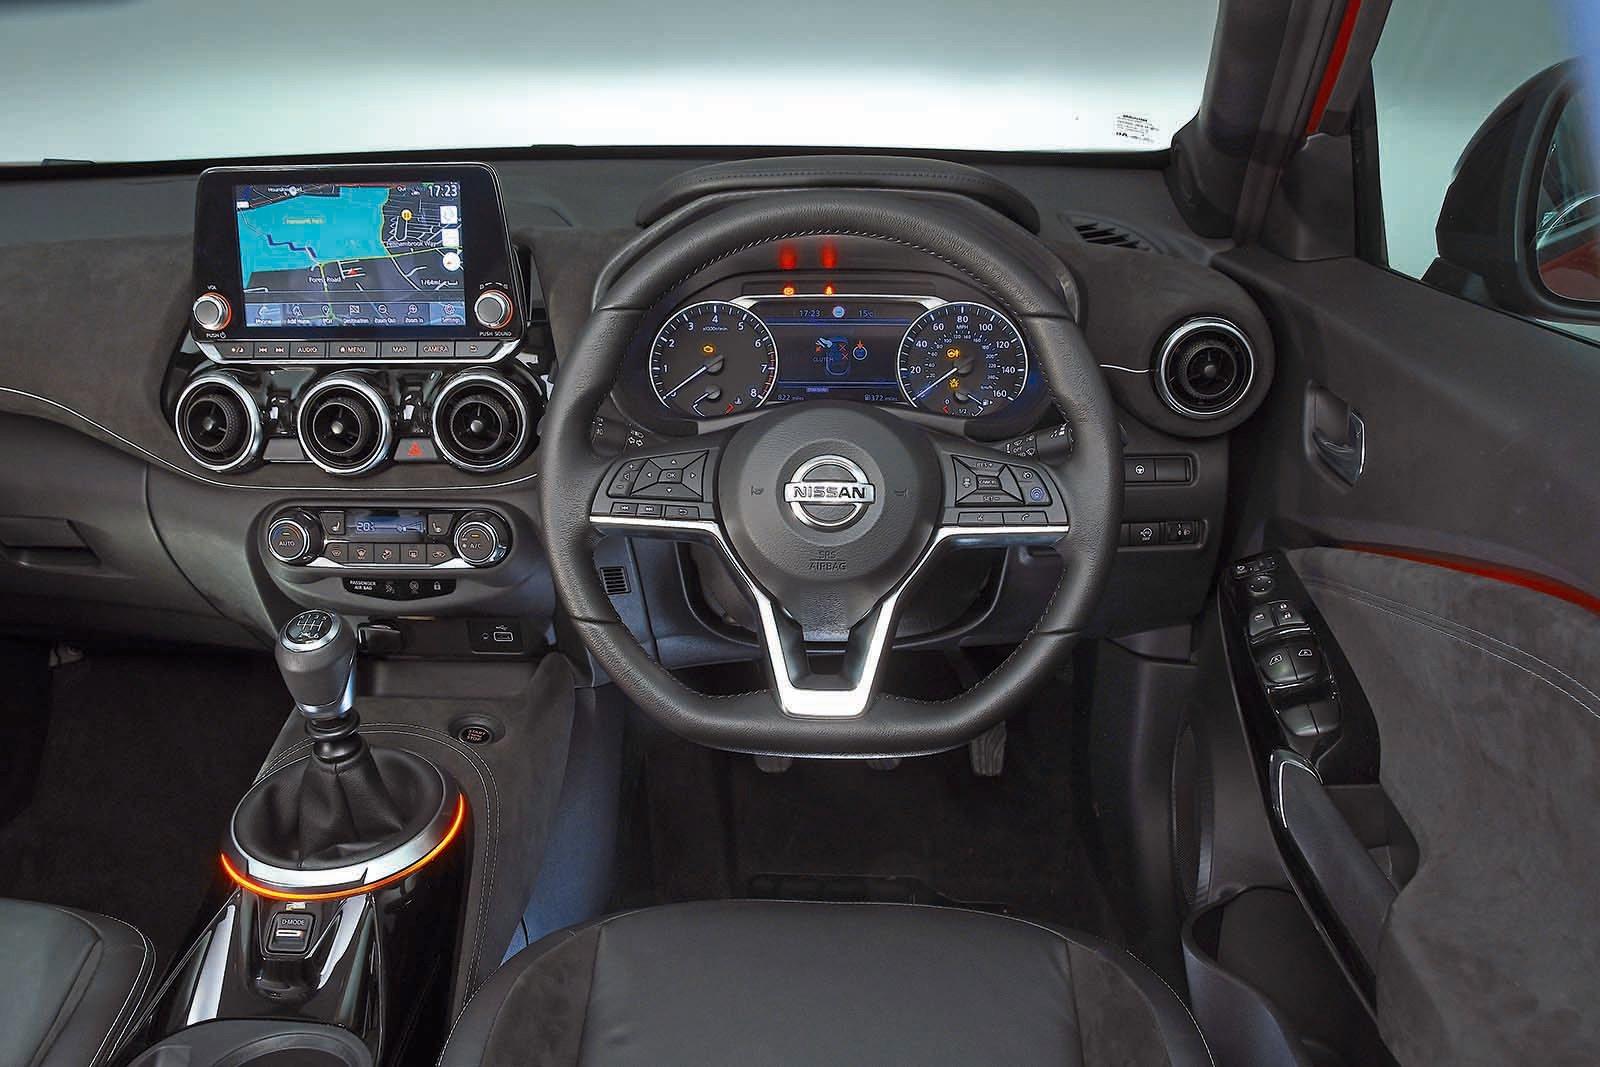 Nissan Juke 2019 dashboard RHD